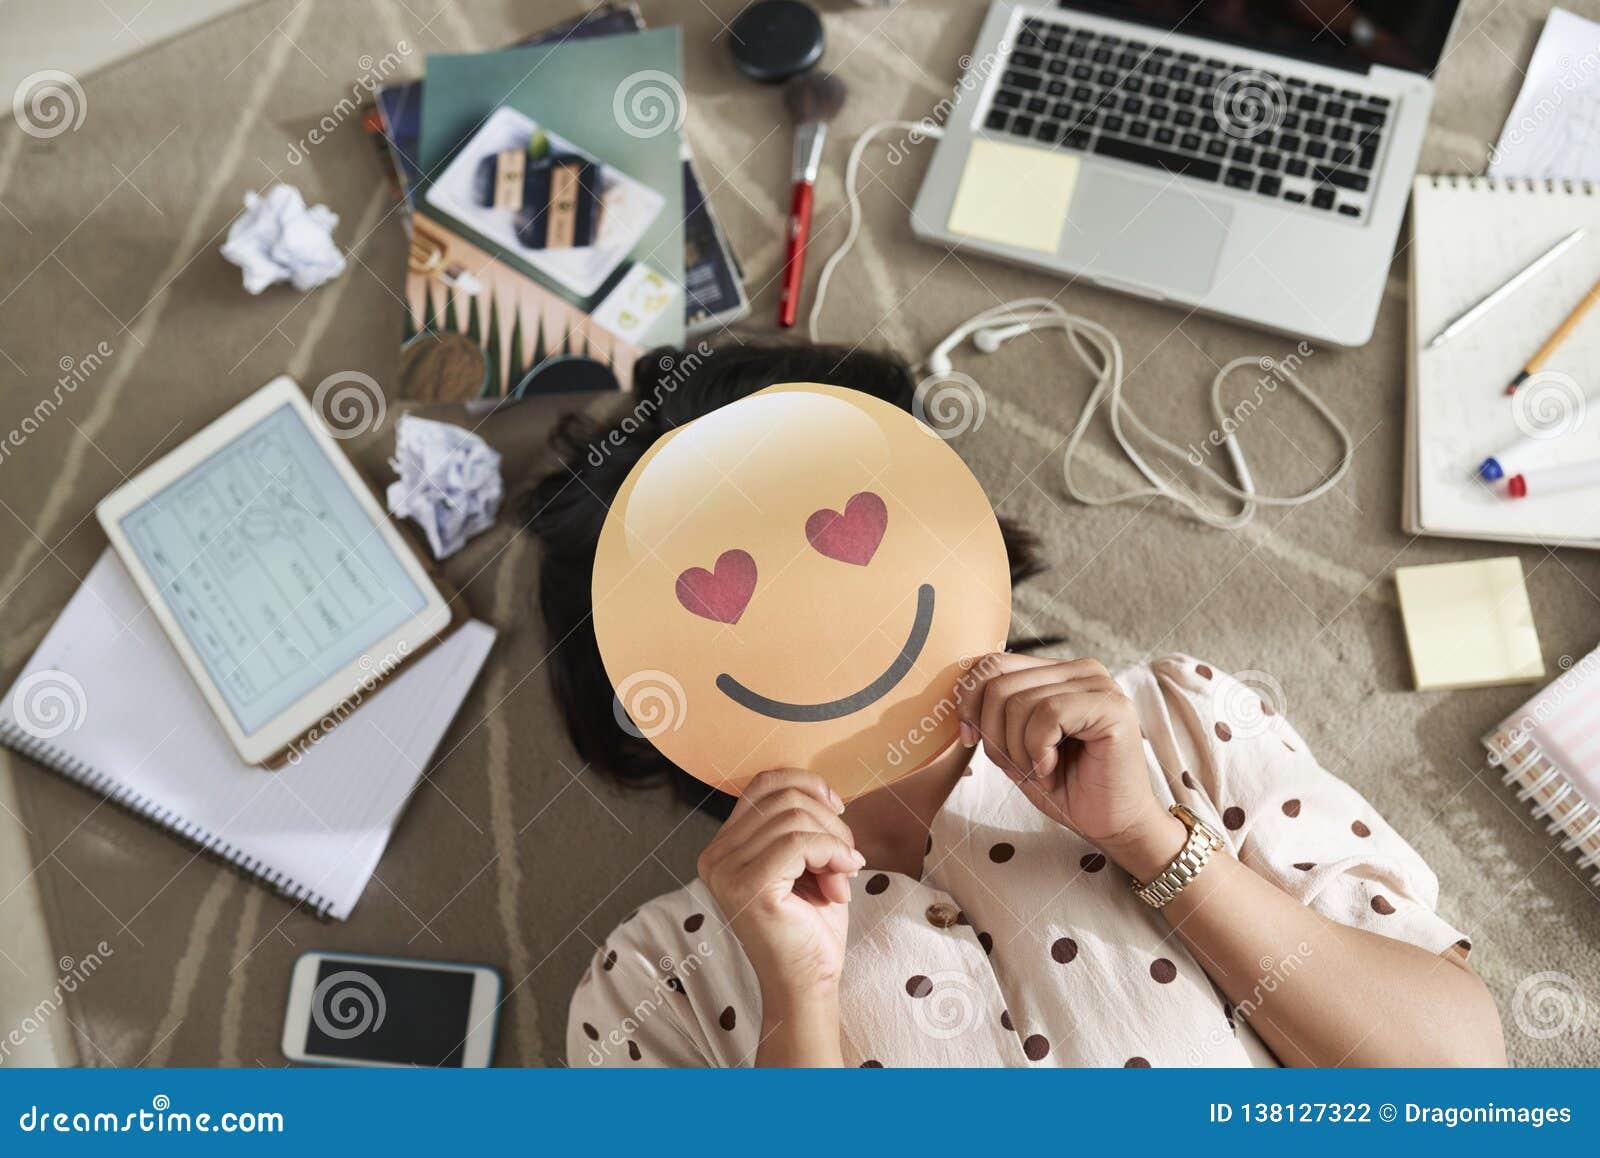 Fake emotion logo